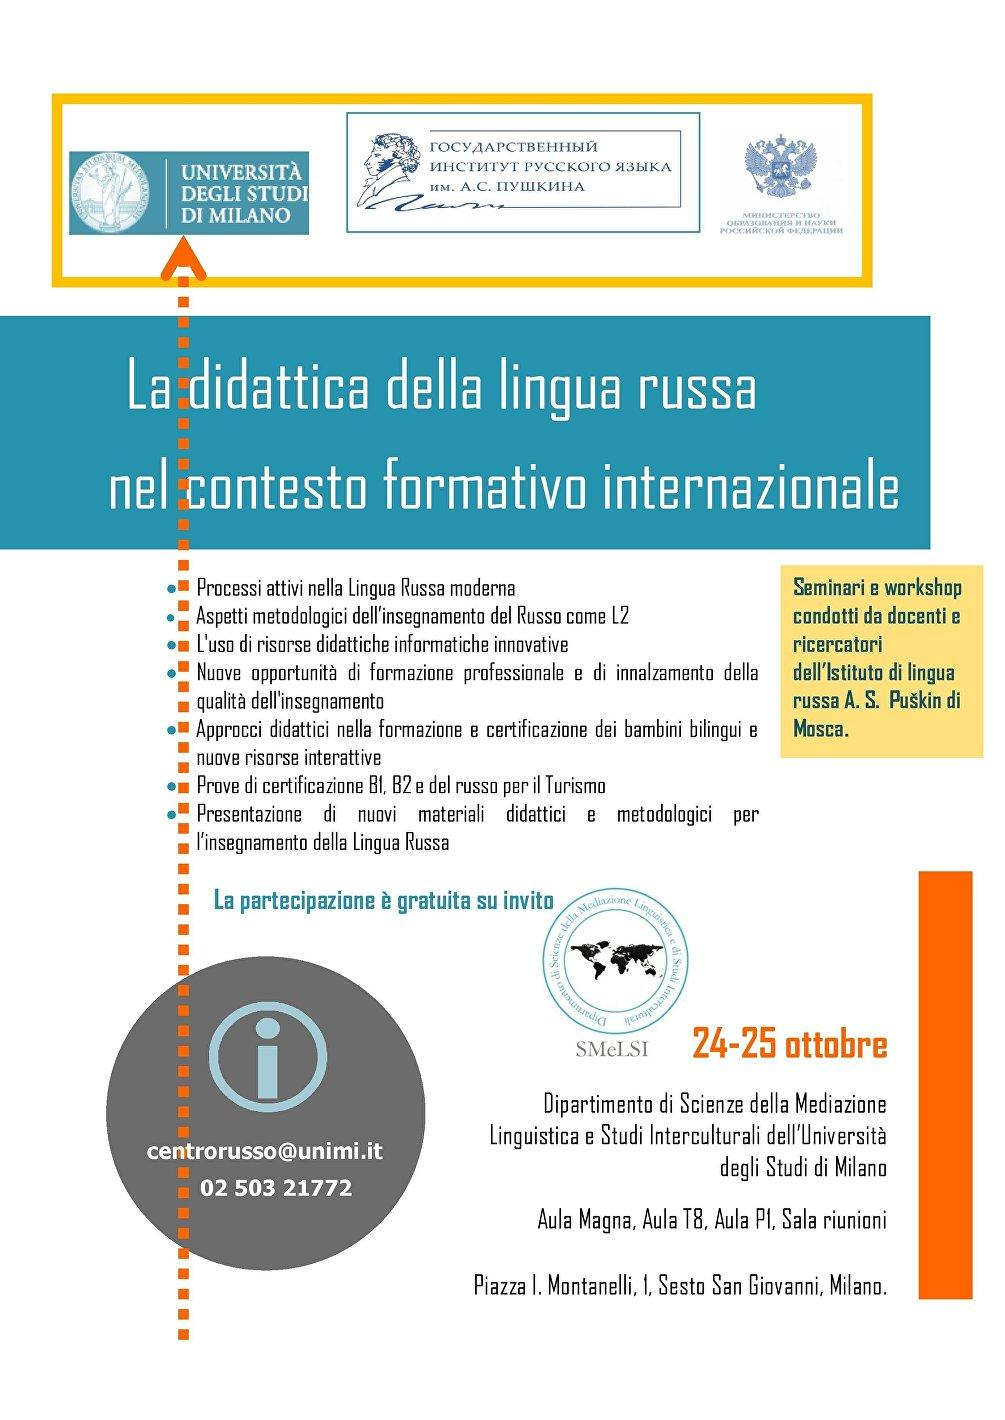 Programma del conbegno: la didattica della lingua russa nel contesto formativo internazionale